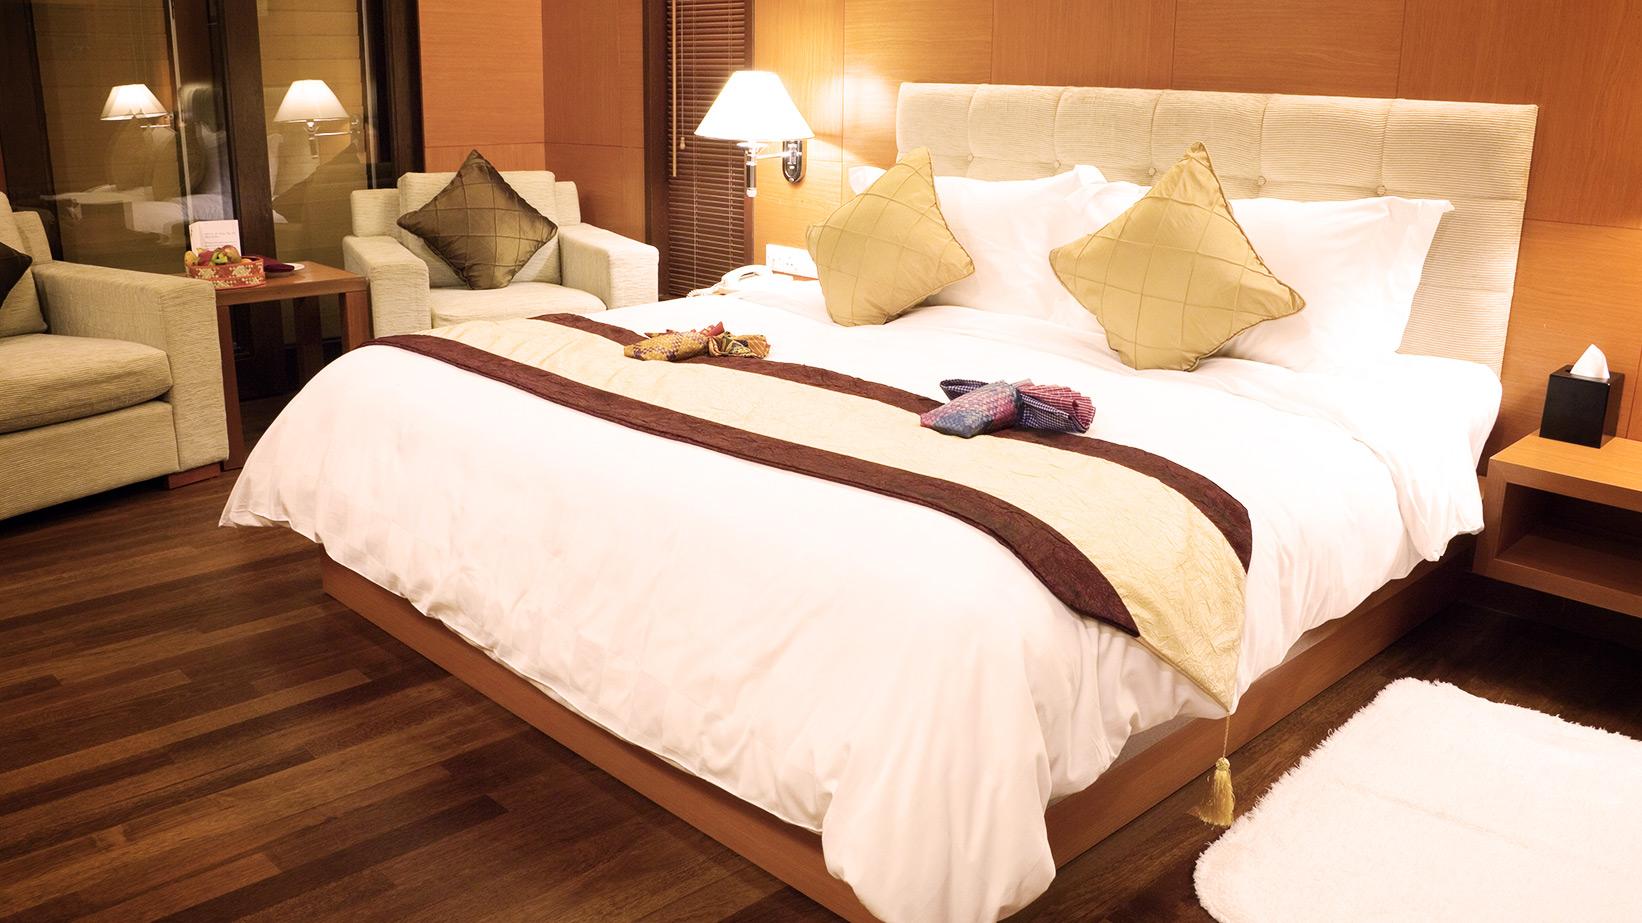 3,000/250 - Hotel Rooms/Area Restaurants